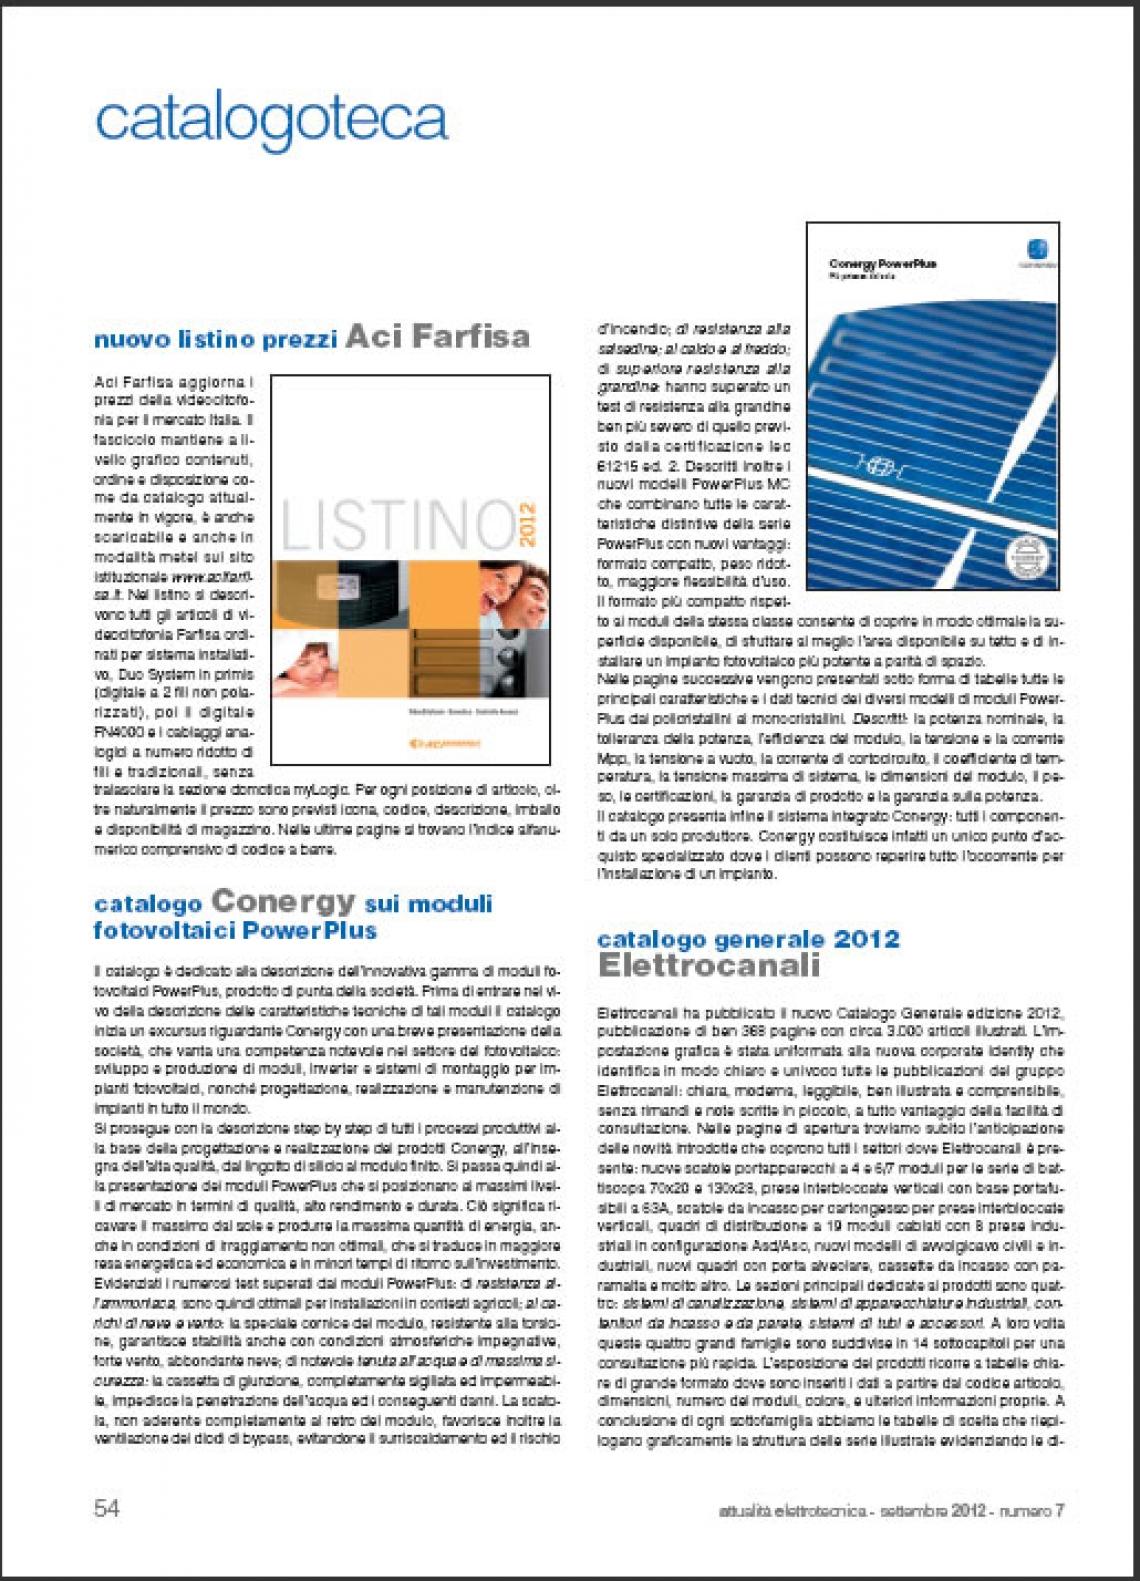 Nuovo listino prezzi videocitofonia Italia